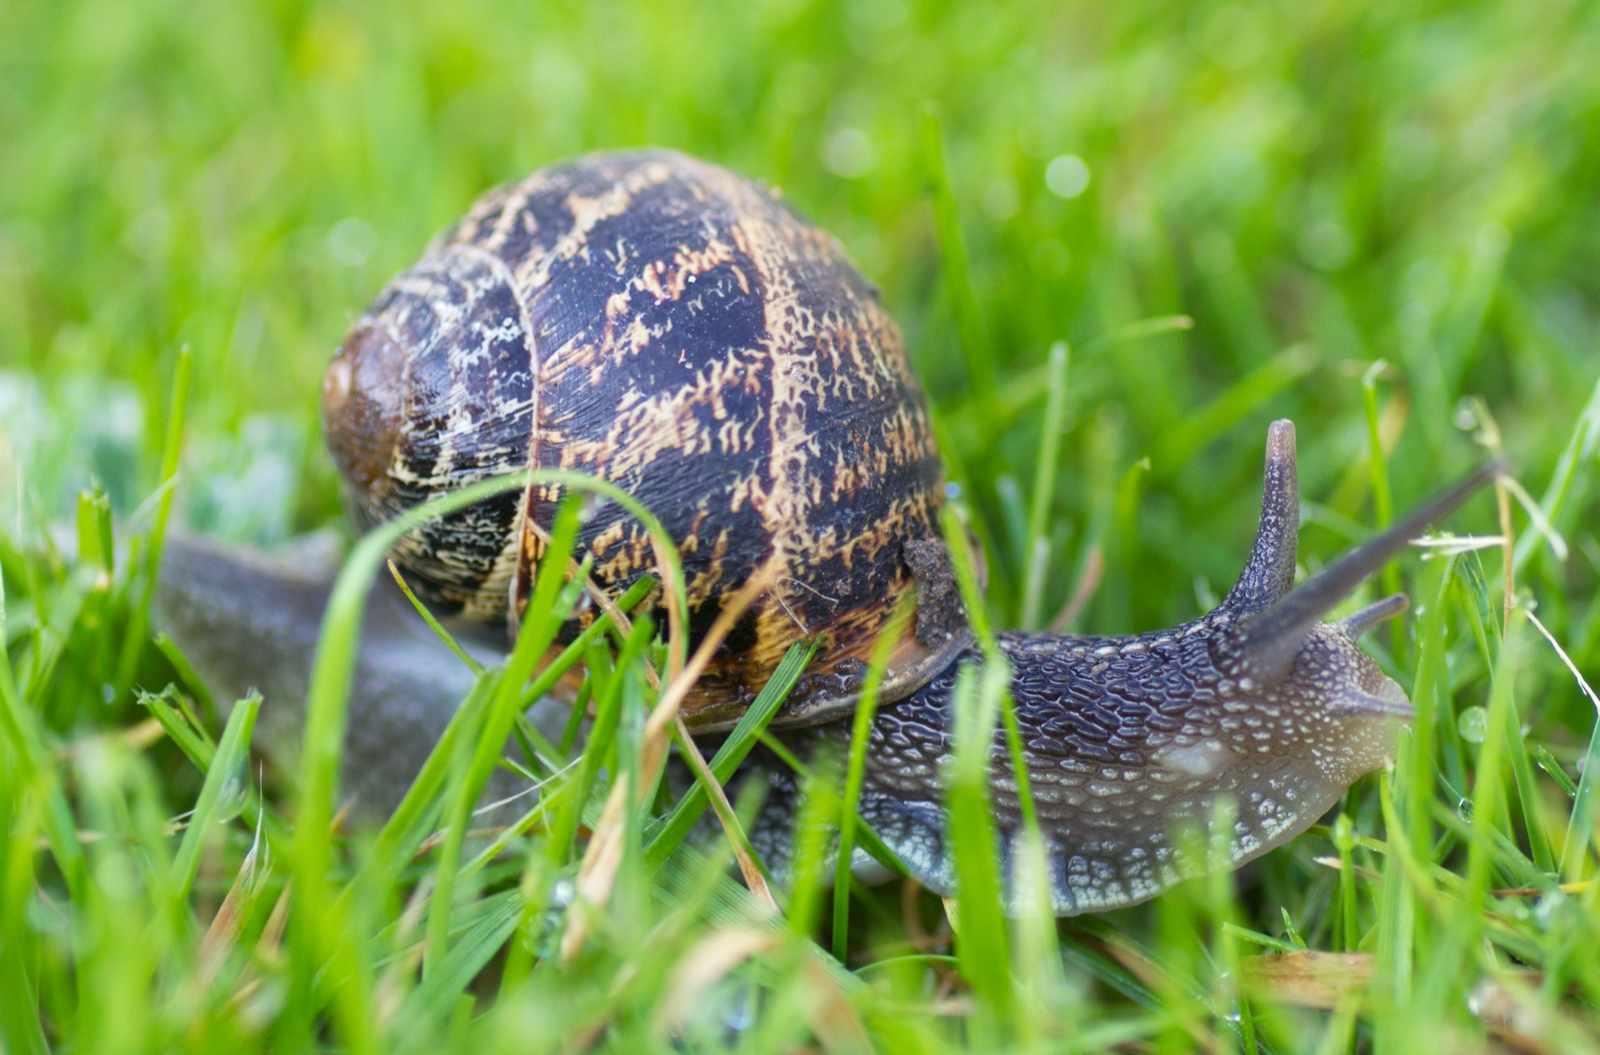 Garden-snail-61d70ba